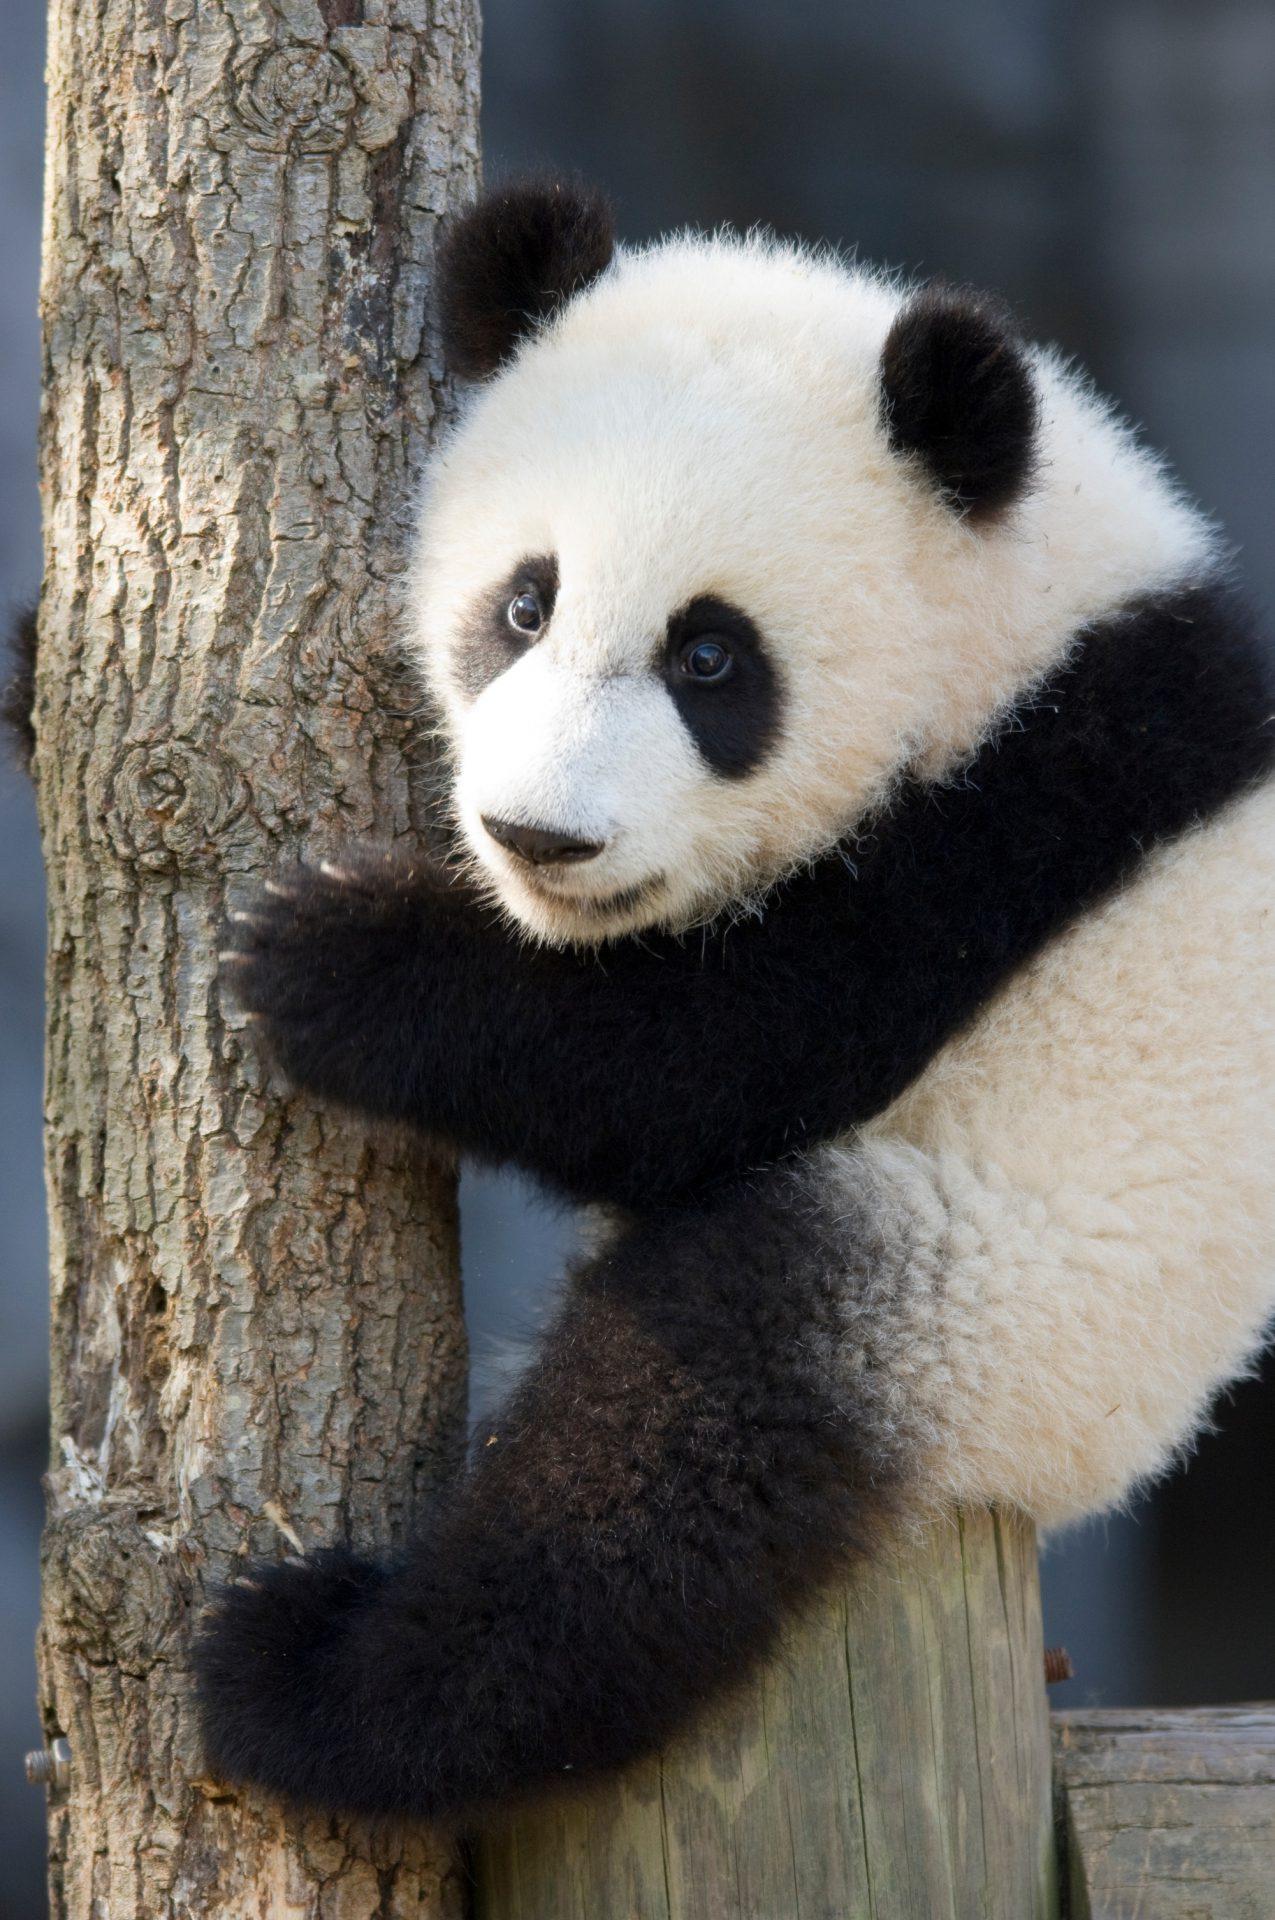 Photo: A giant panda at Zoo Atlanta.